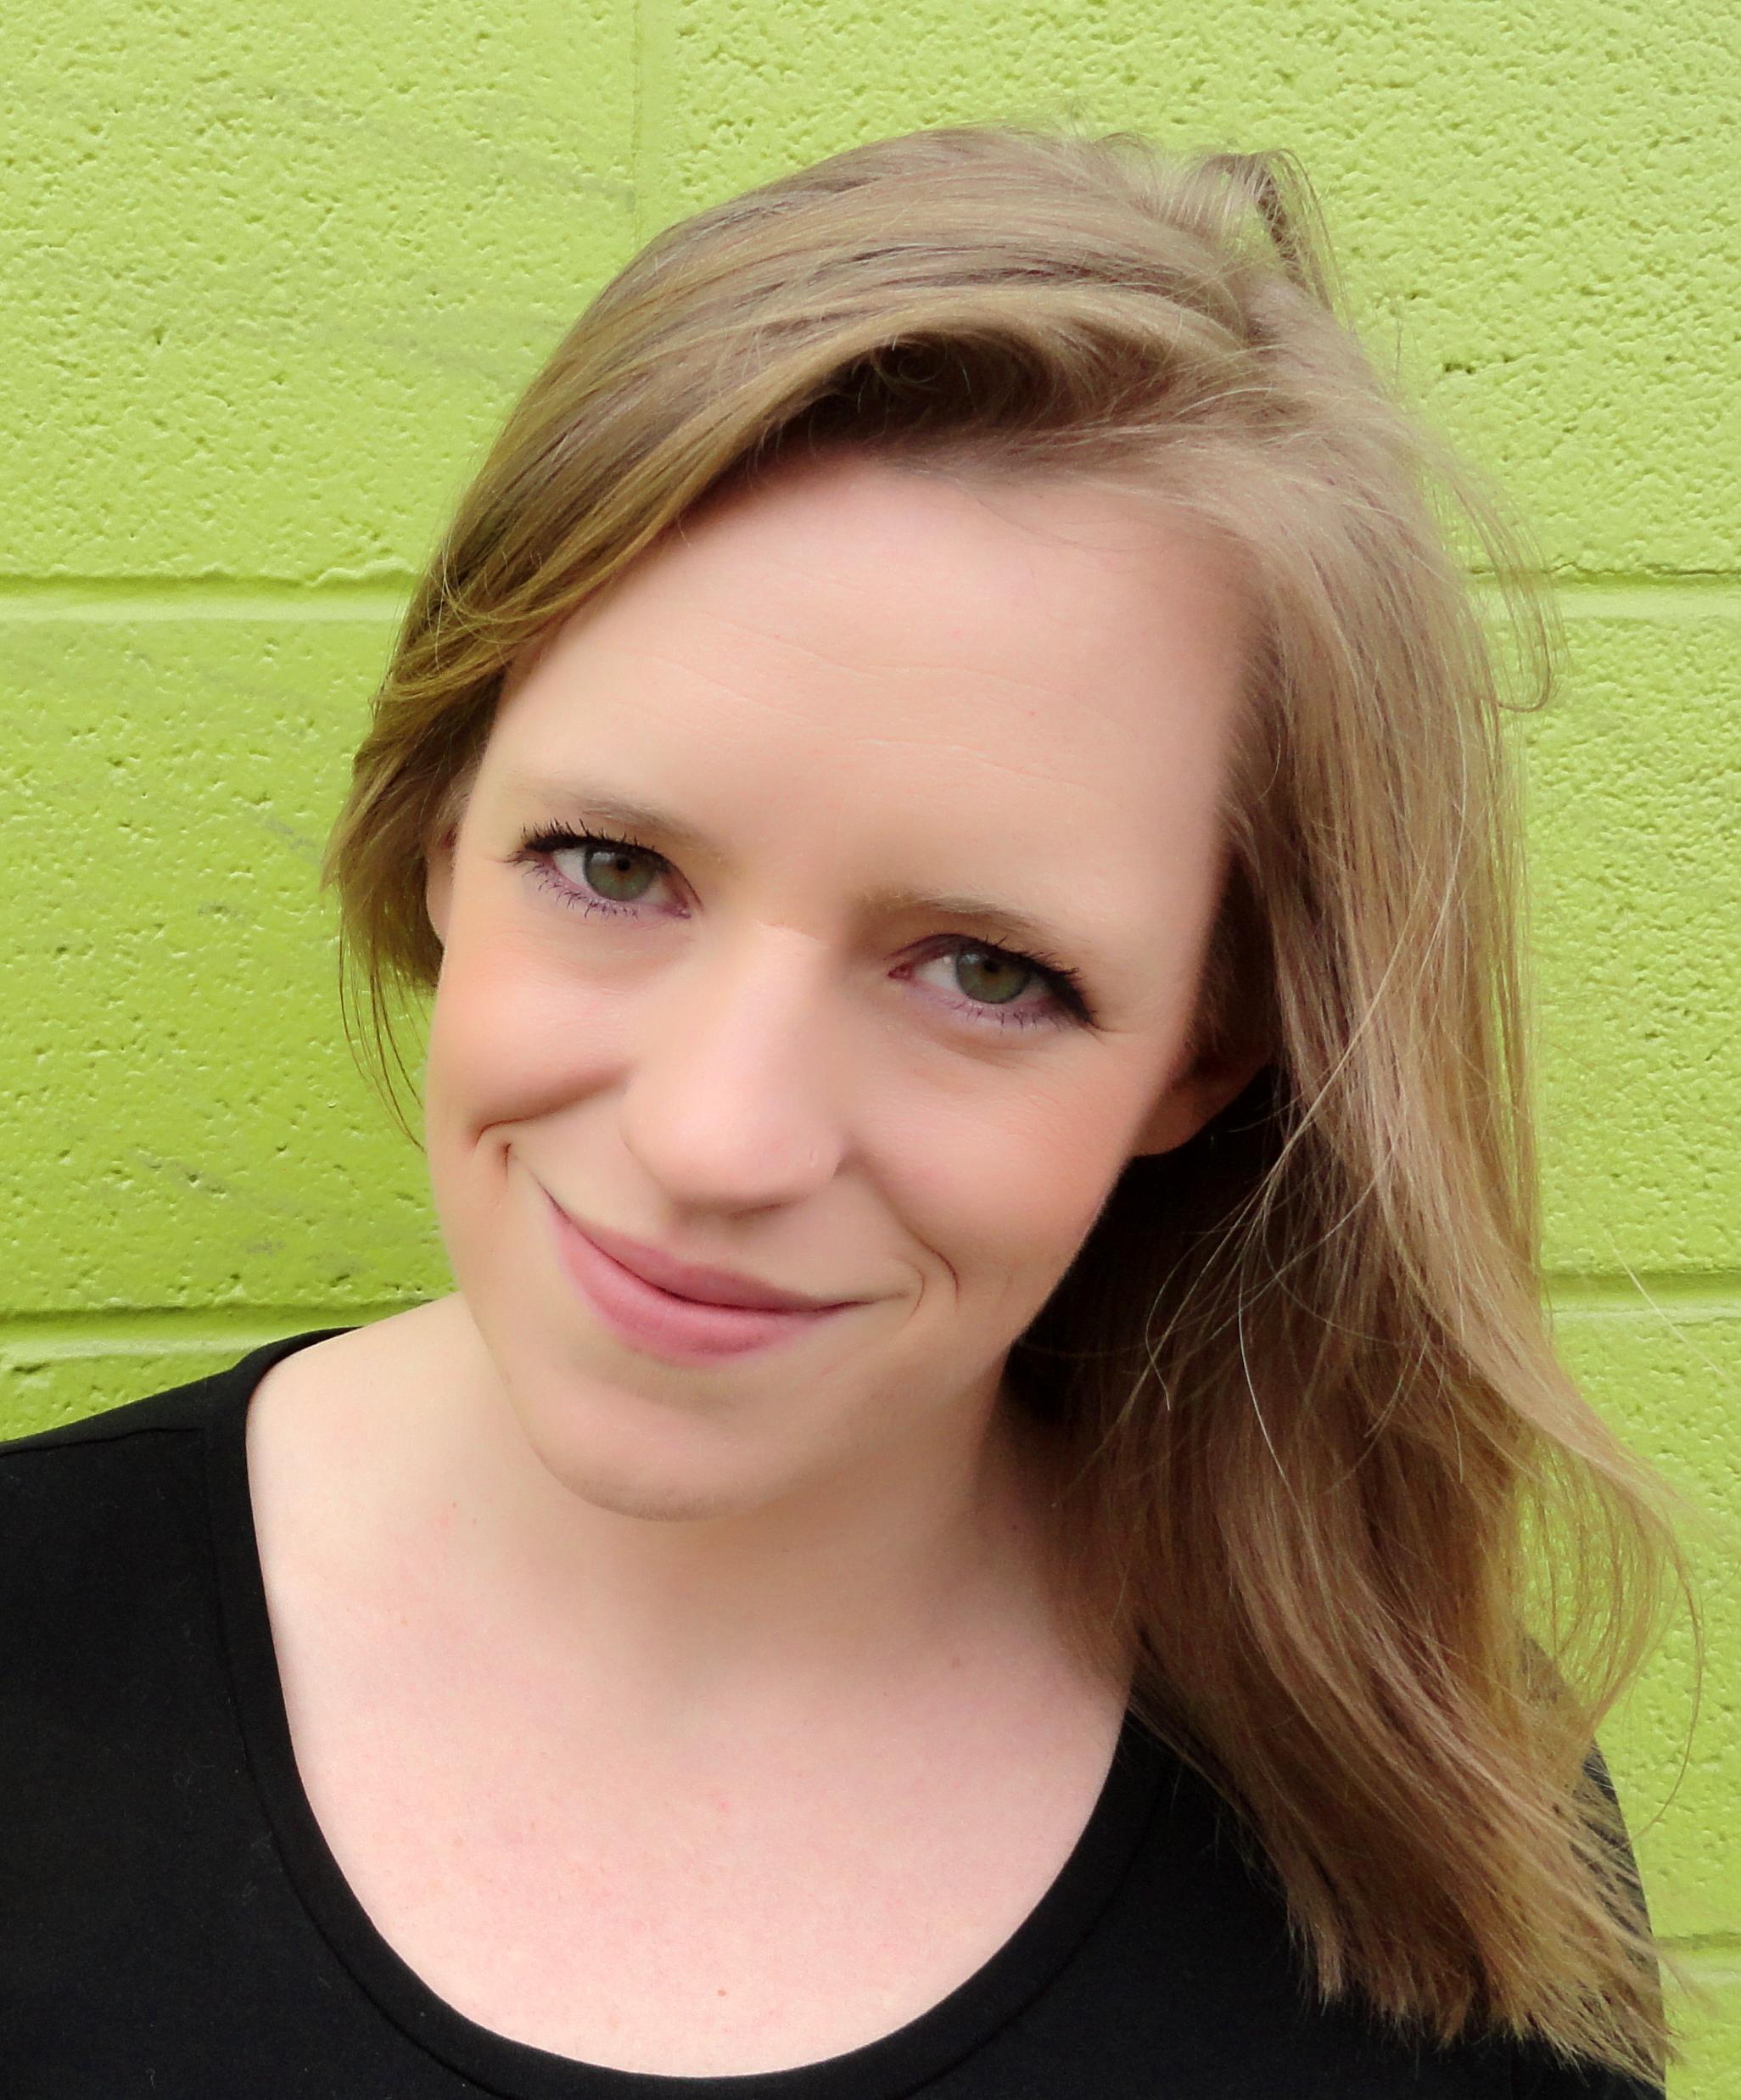 Megan Wiltshire